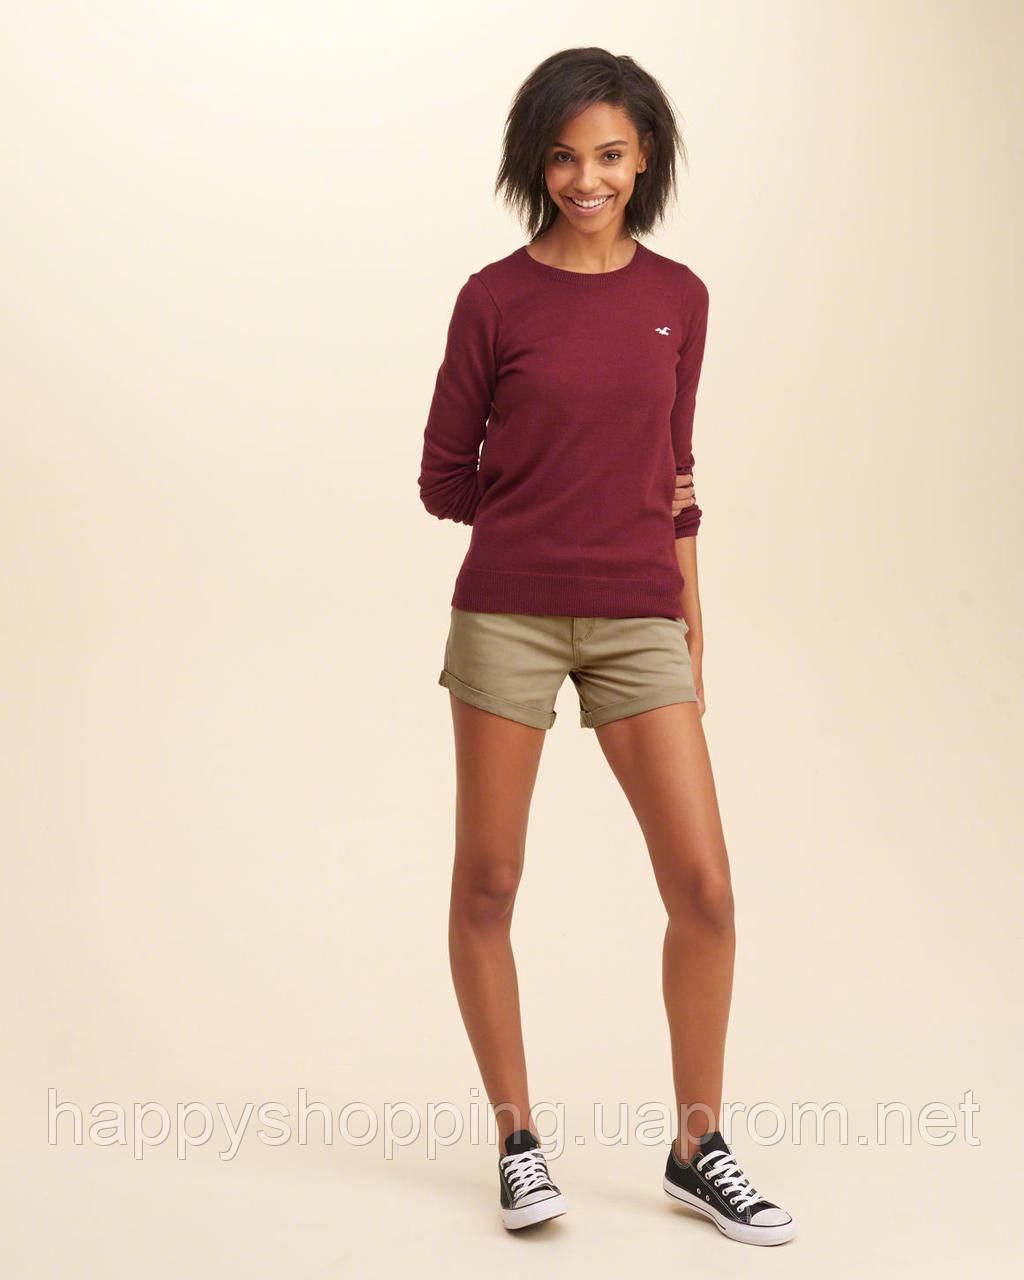 Бежевые шорты Hollister, фото 1